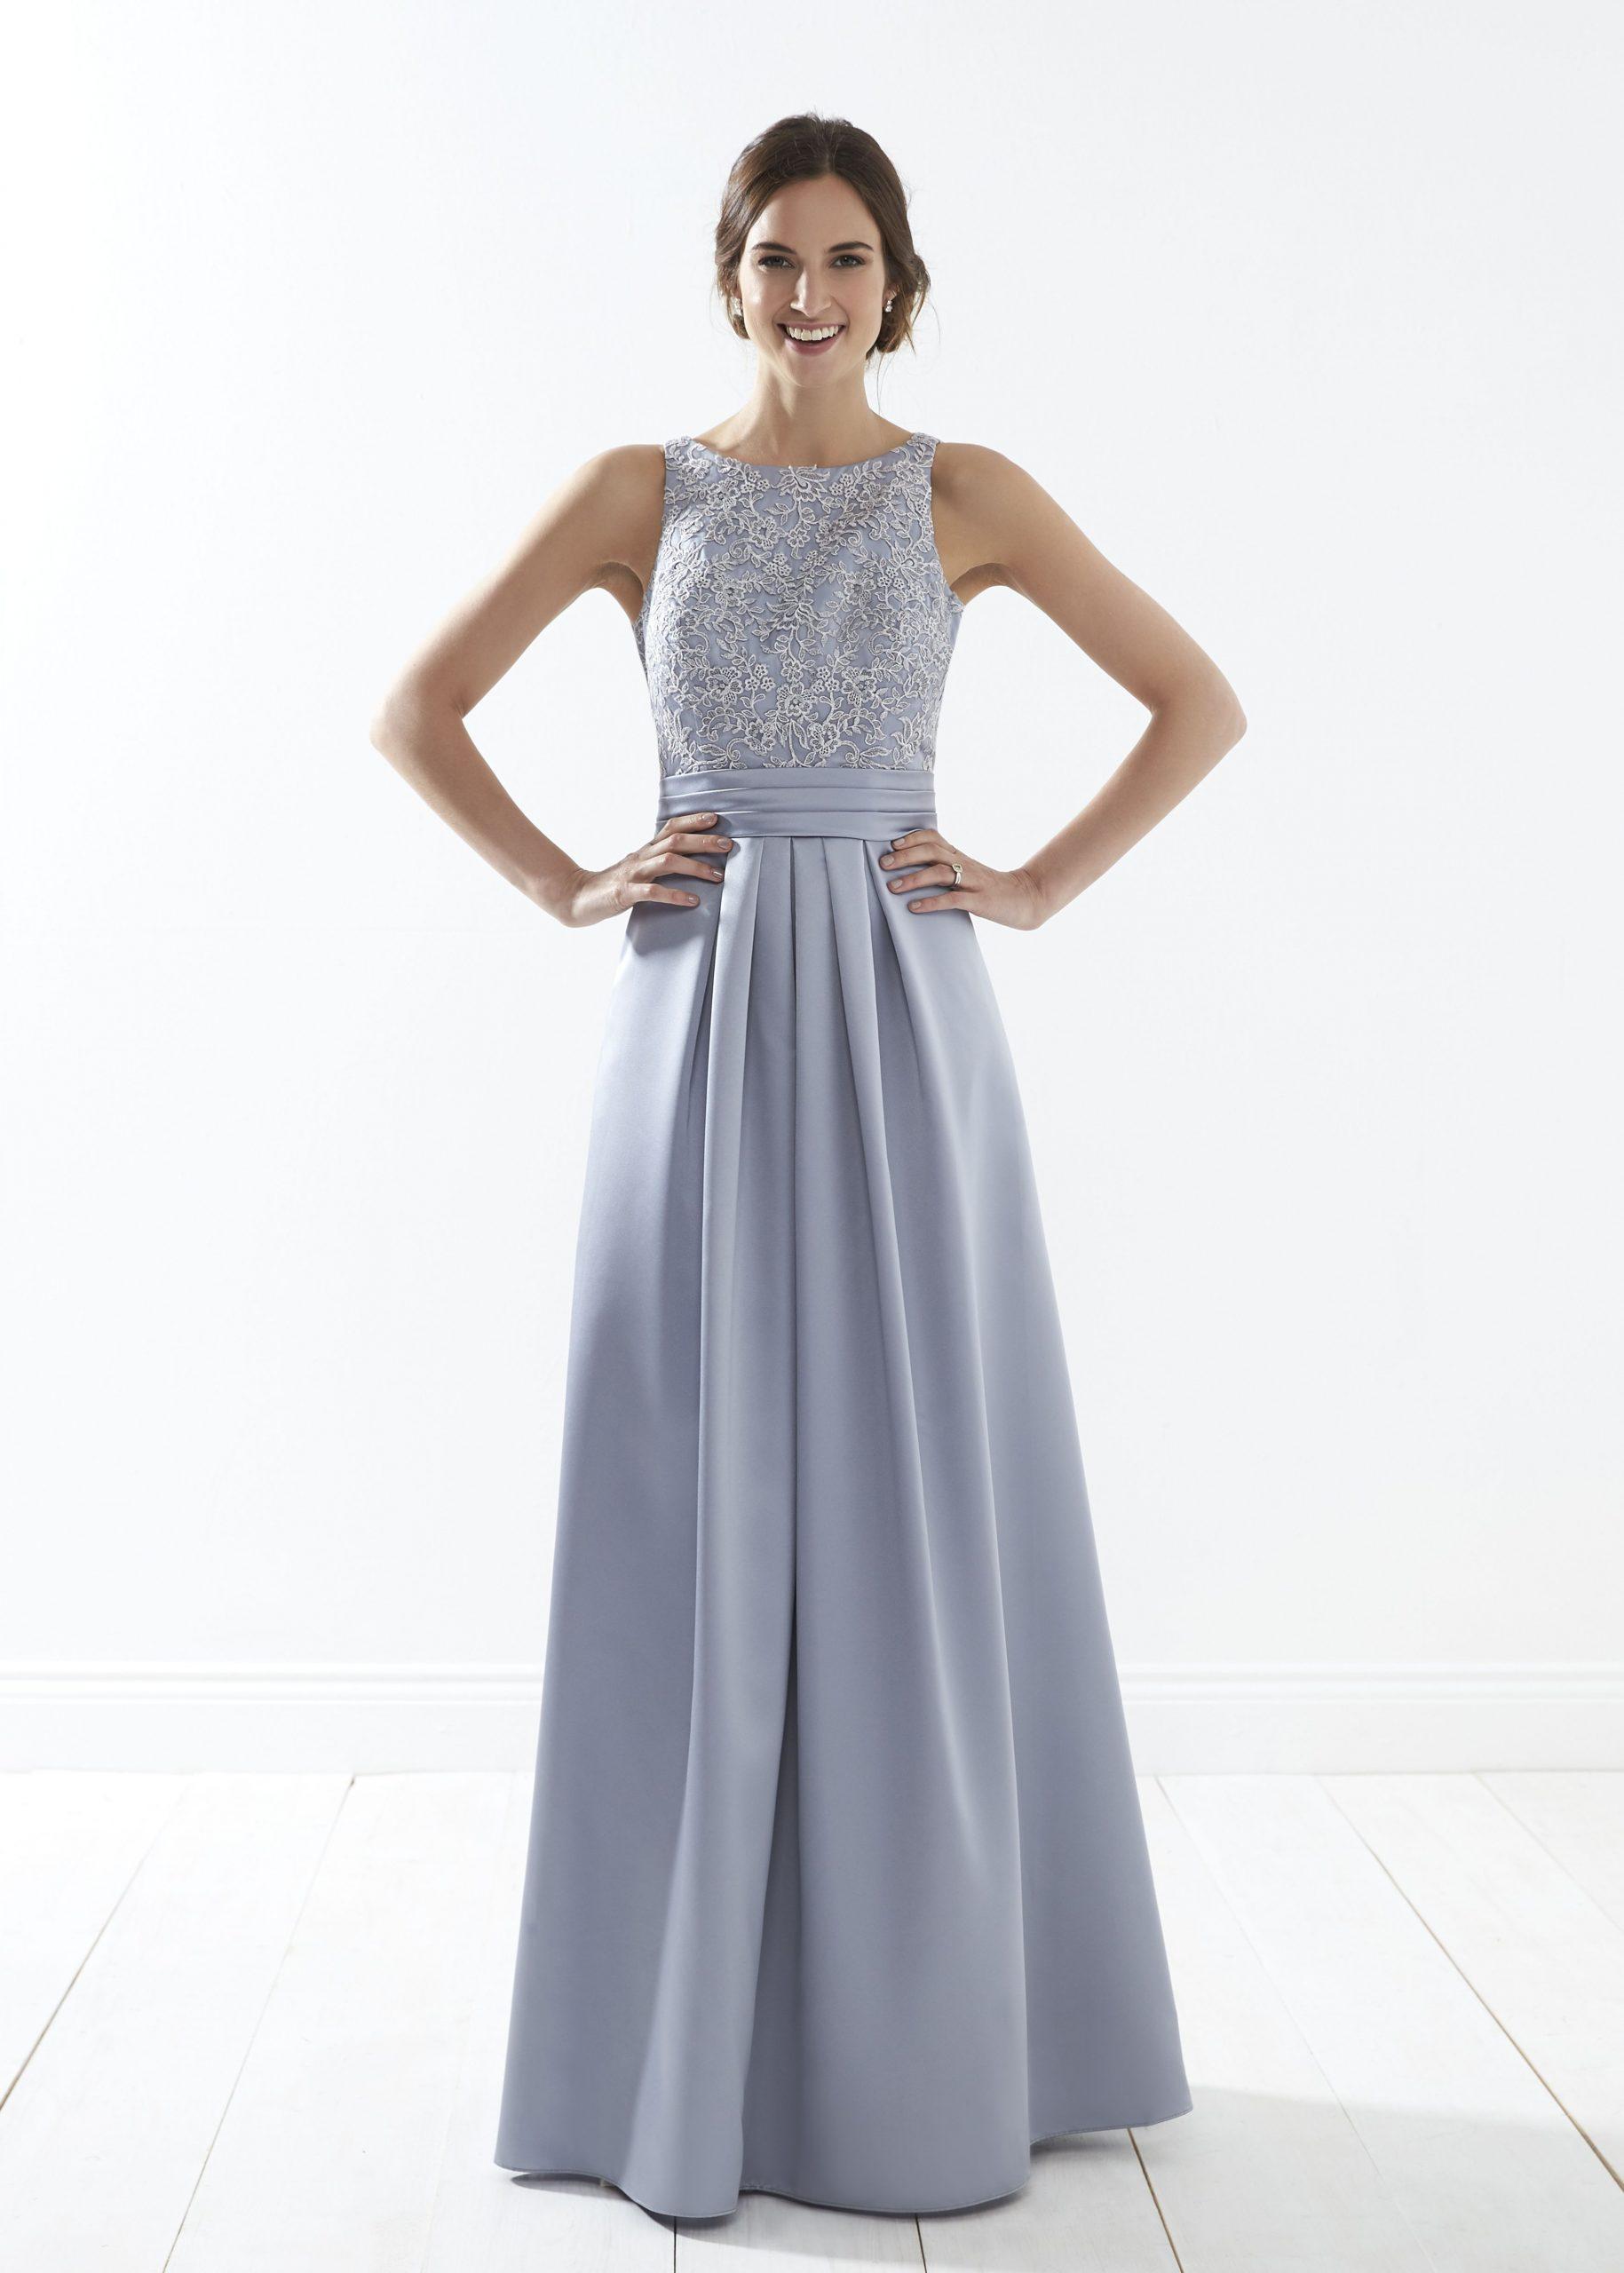 17 Fantastisch Abendkleider Neumünster Stylish17 Einzigartig Abendkleider Neumünster Ärmel